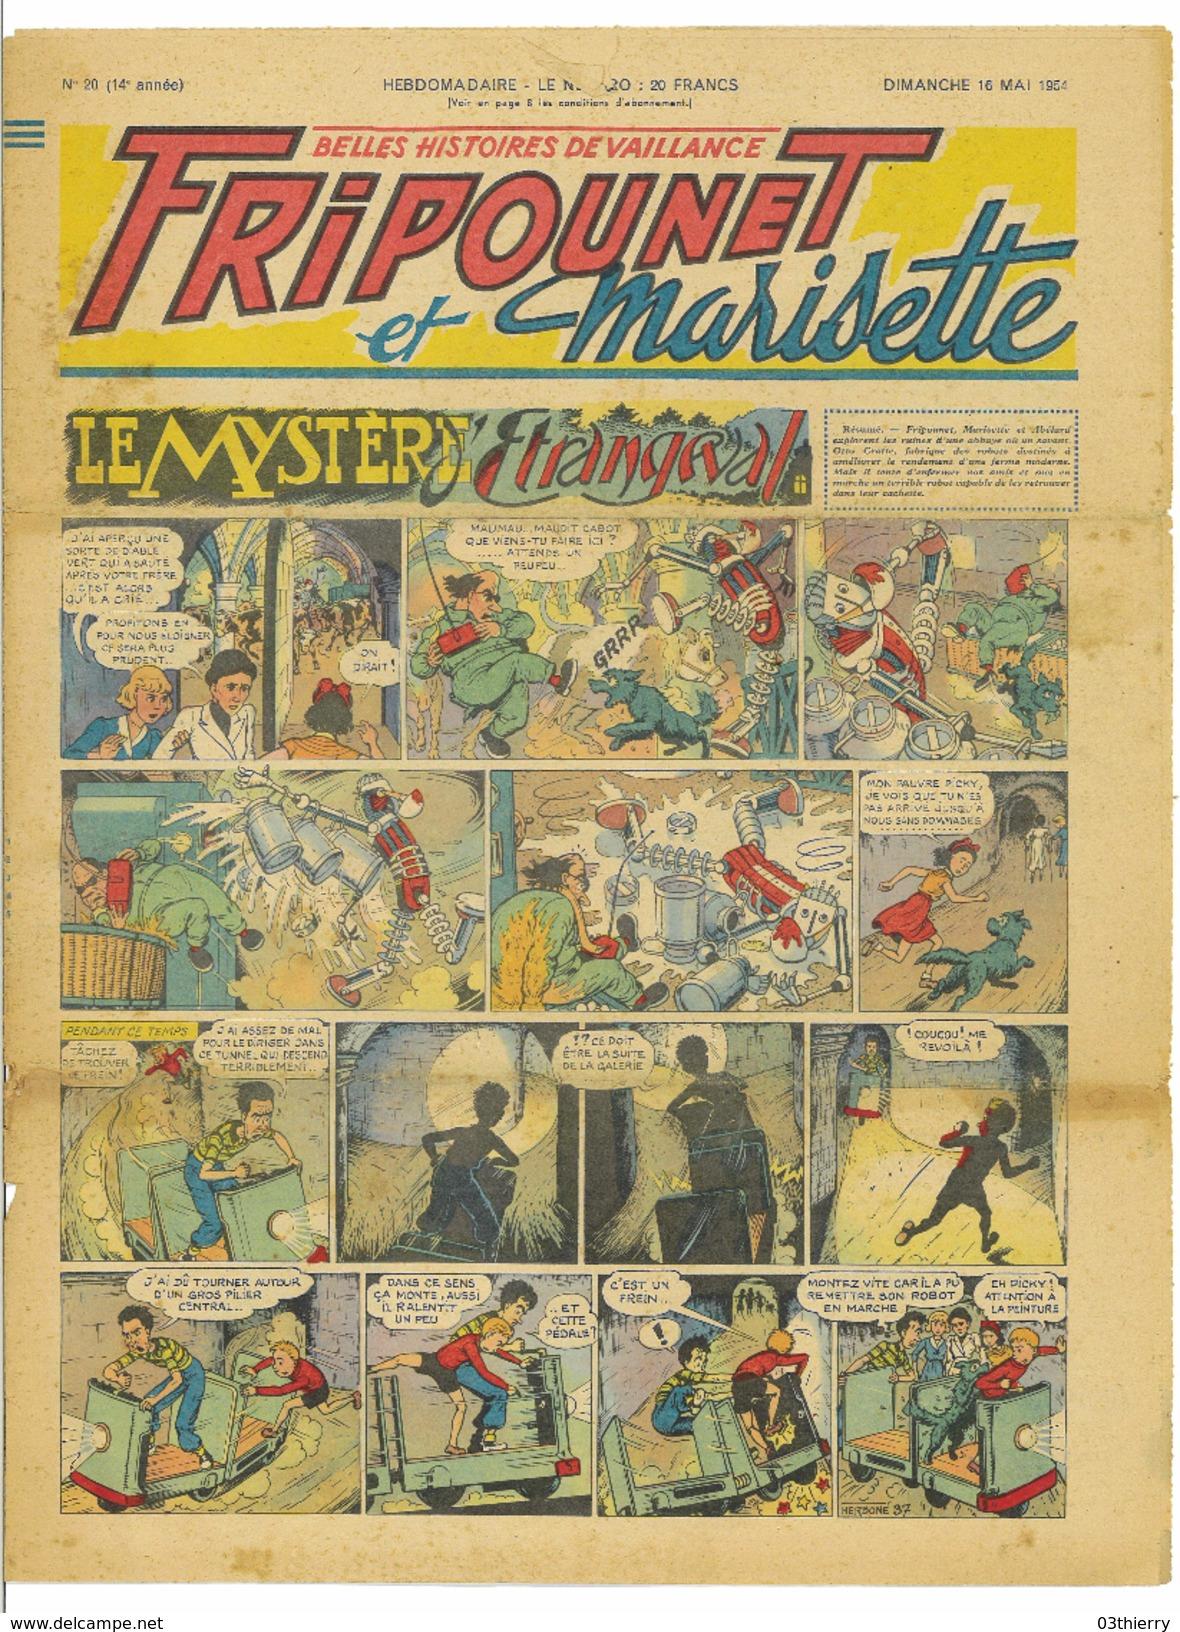 JOURNAL FRIPOUNET ET MARISETTE N°20 14eme ANNEE 16 MAI 1954 LE MYSTERE D'ETRANGEVAL - Bücher, Zeitschriften, Comics